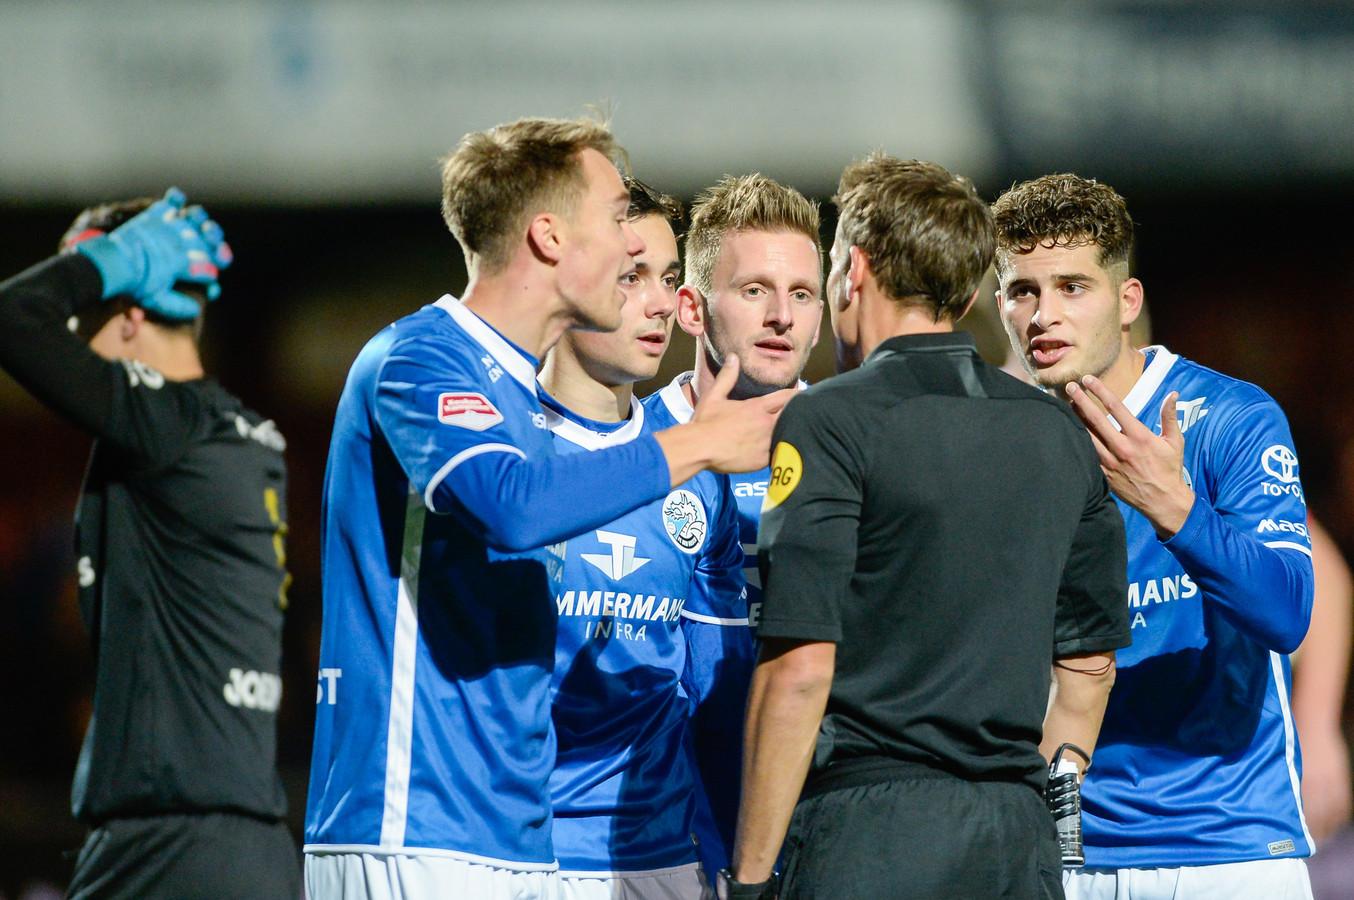 Leo Väisänen (links) beklaagde zich dinsdagavond meteen bij scheidsrechter Martin Perez over zijn rode kaart. De Fin wordt nu alsnog in het gelijk gesteld.